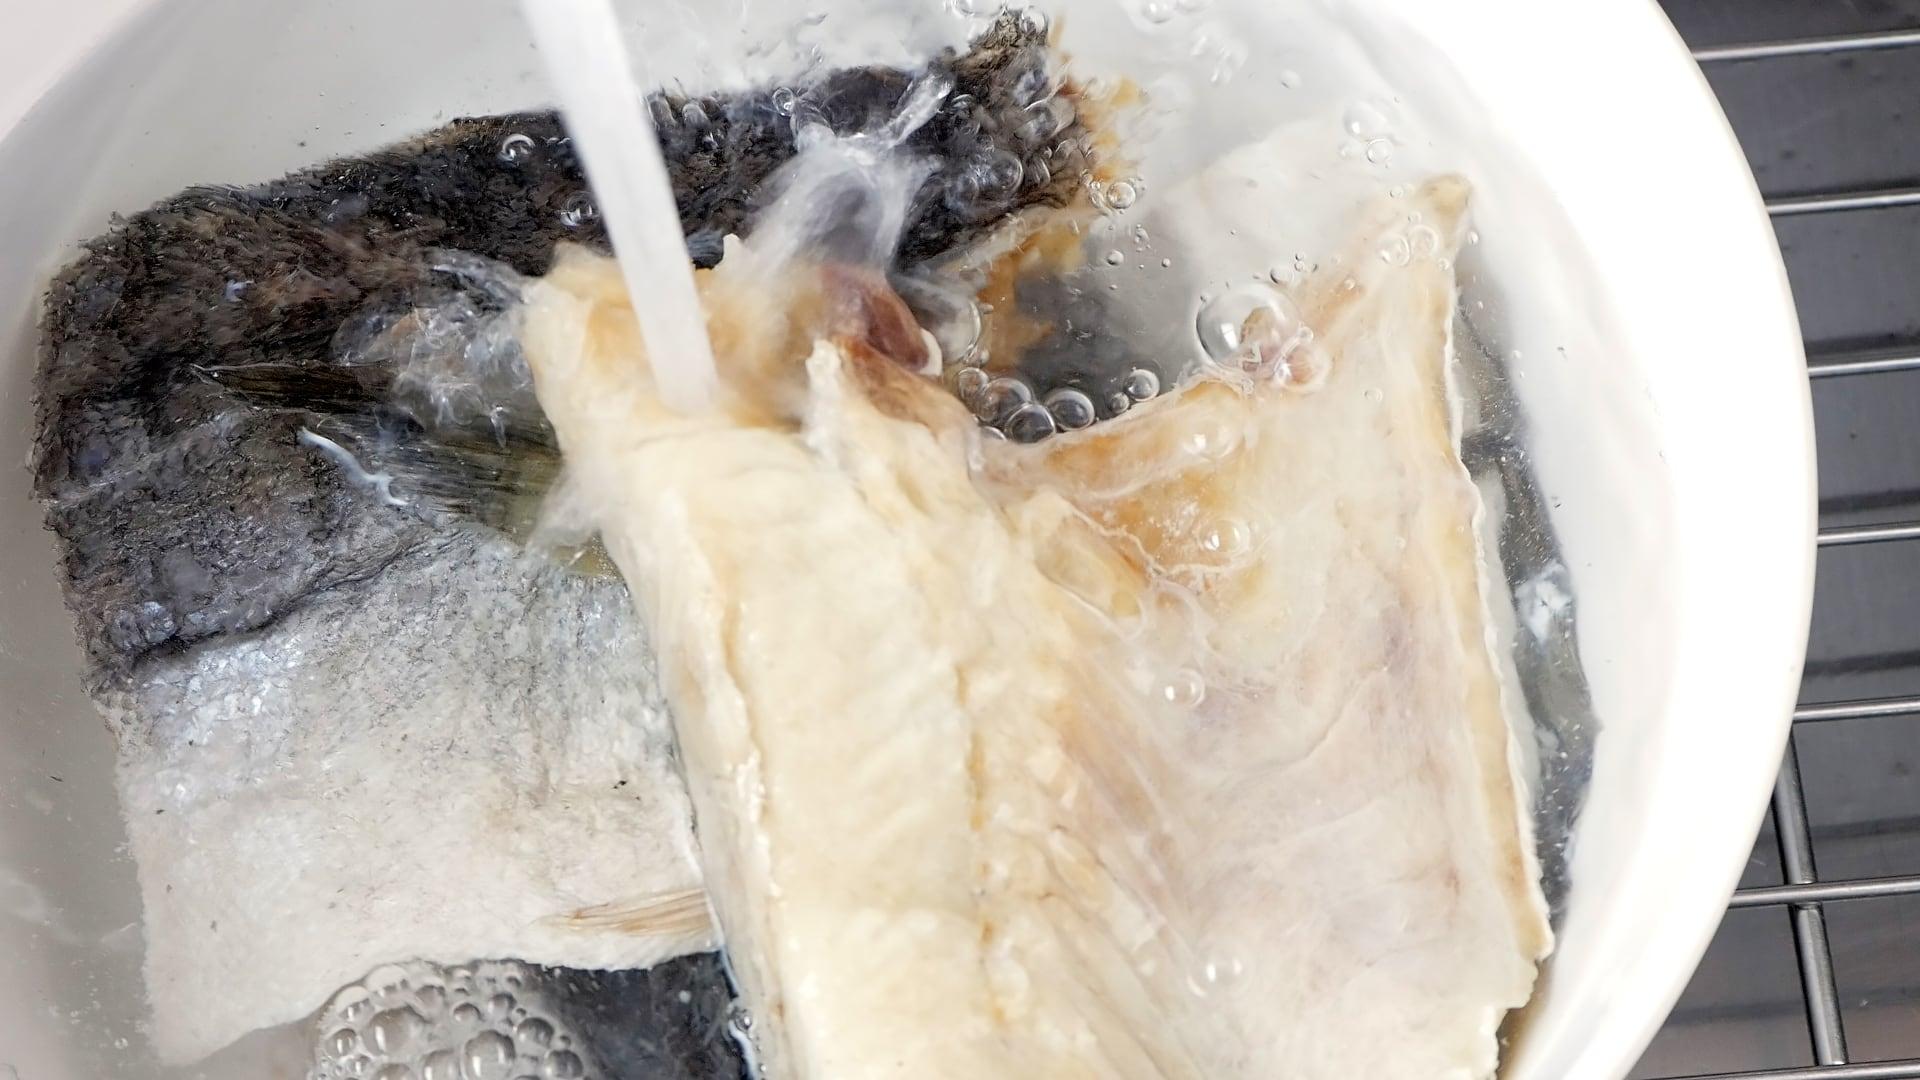 Desalting codfish